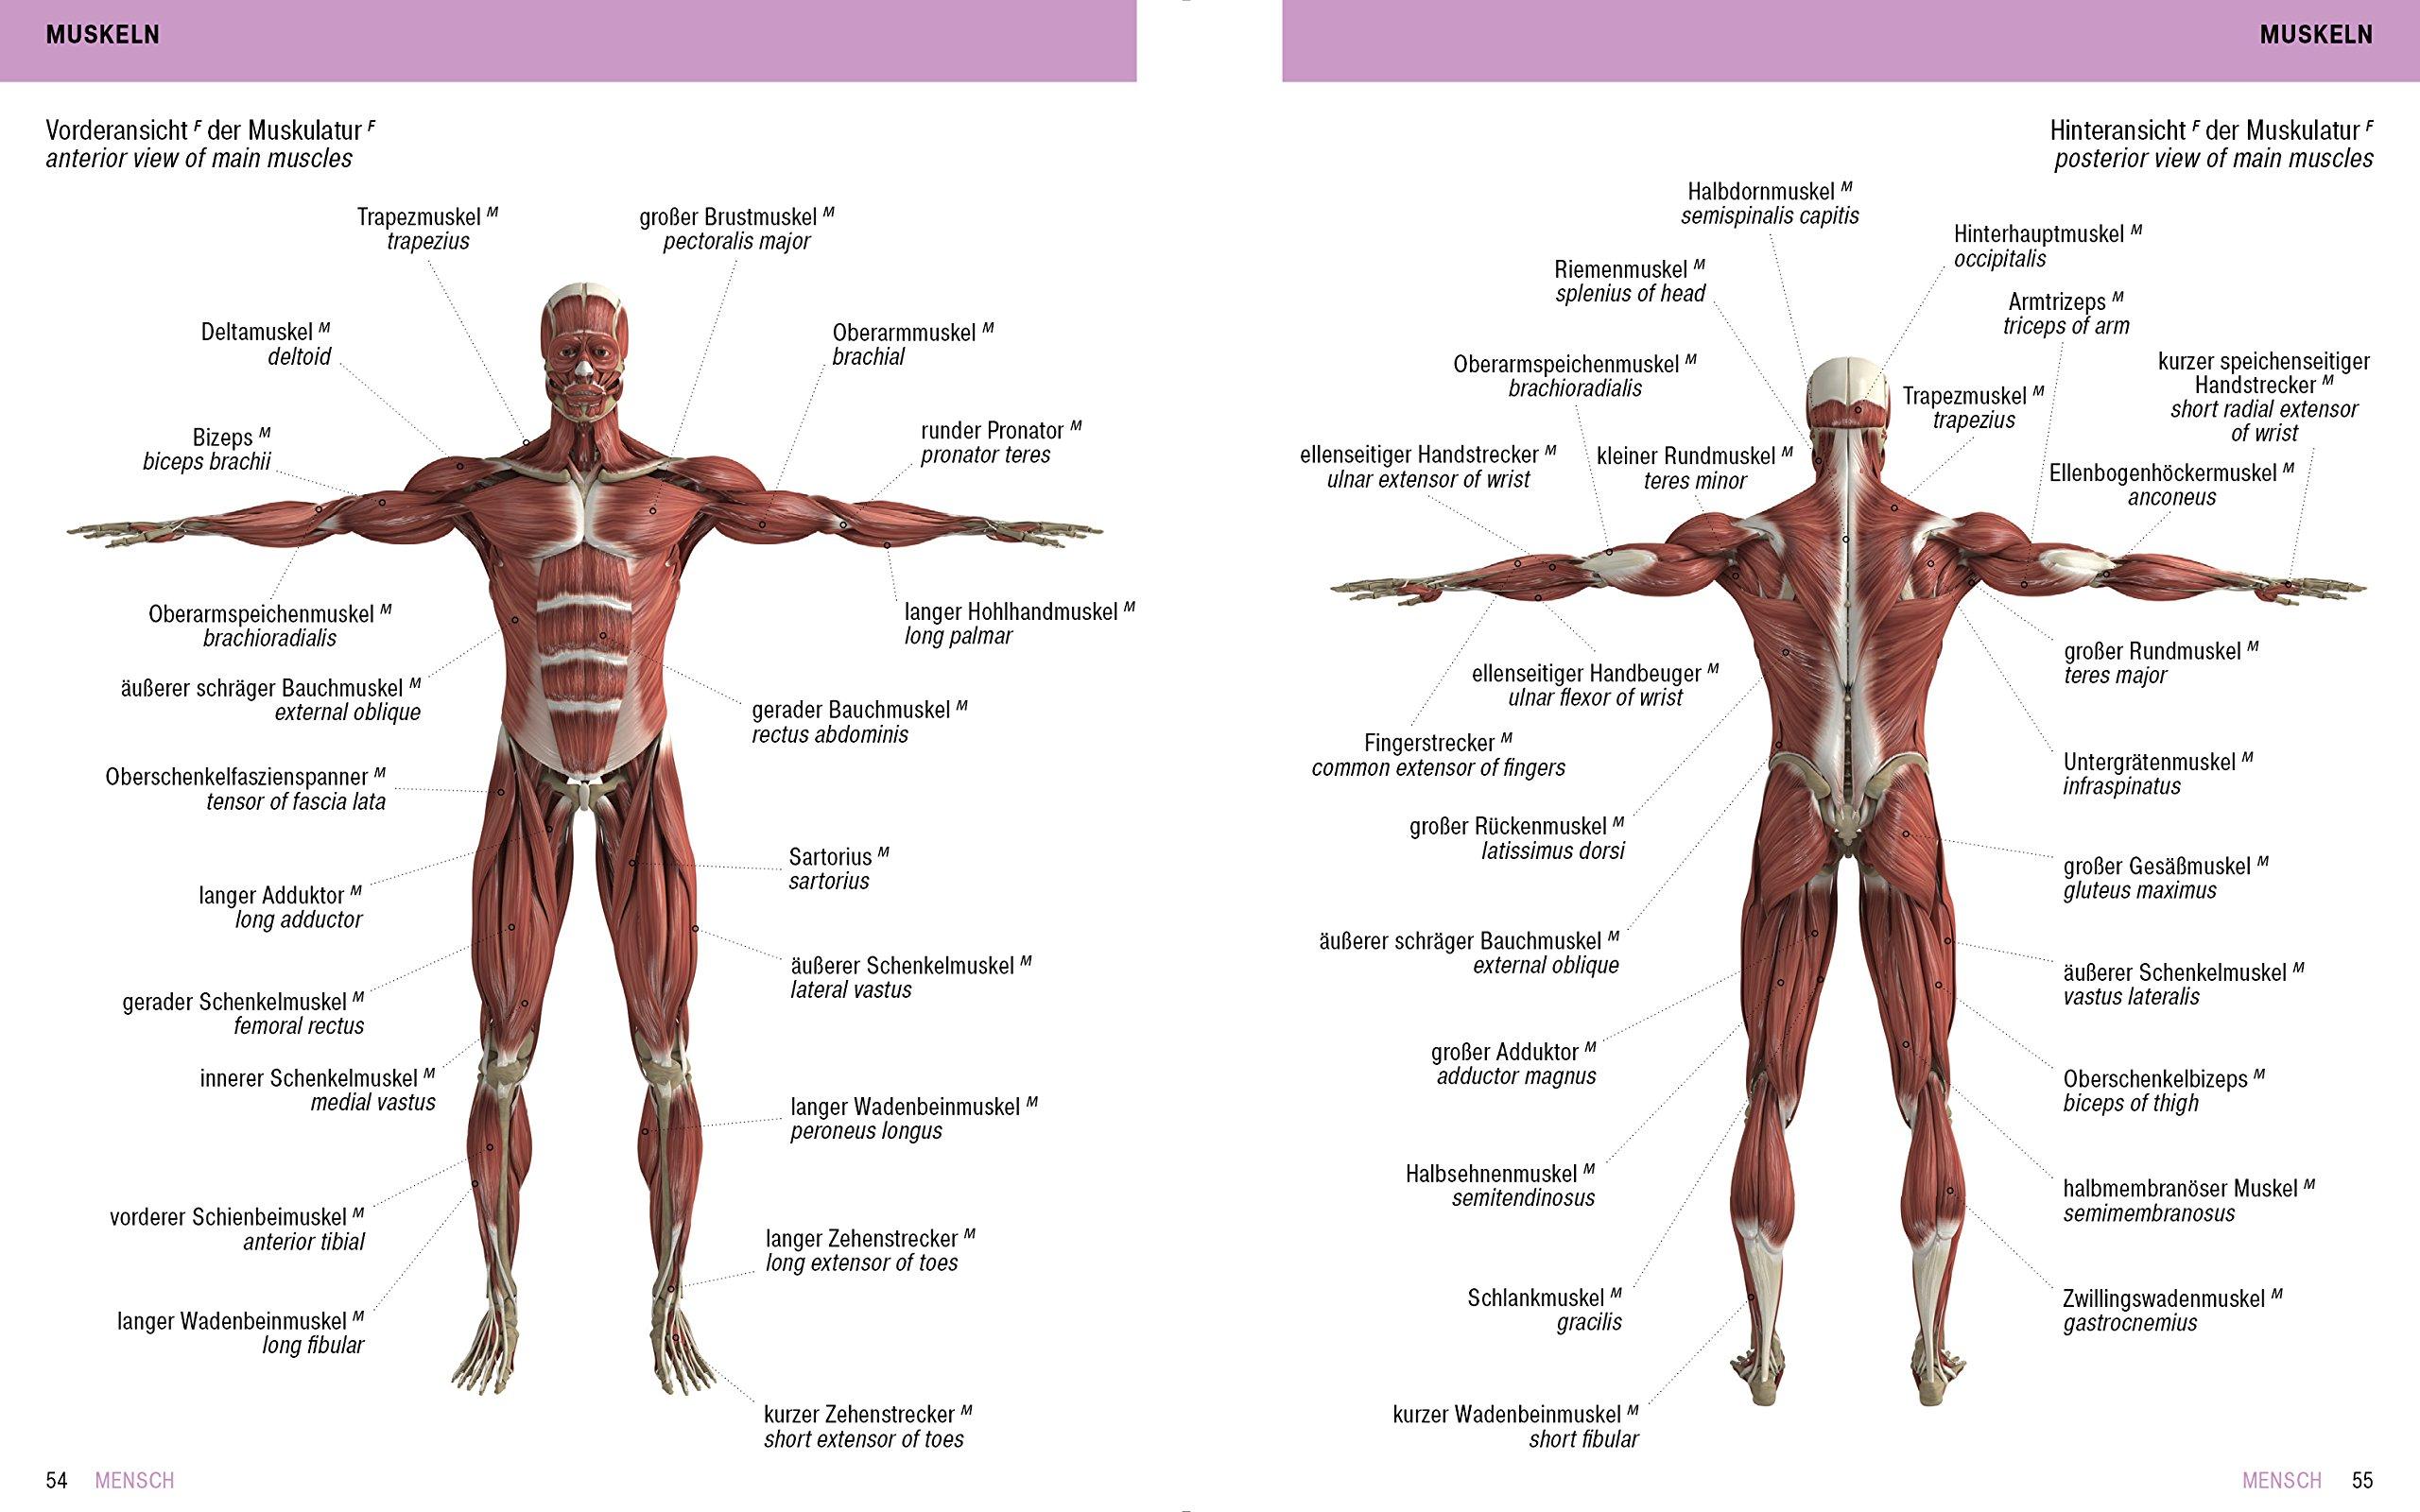 Ziemlich Diagramm Bauchmuskeln Ideen - Menschliche Anatomie Bilder ...